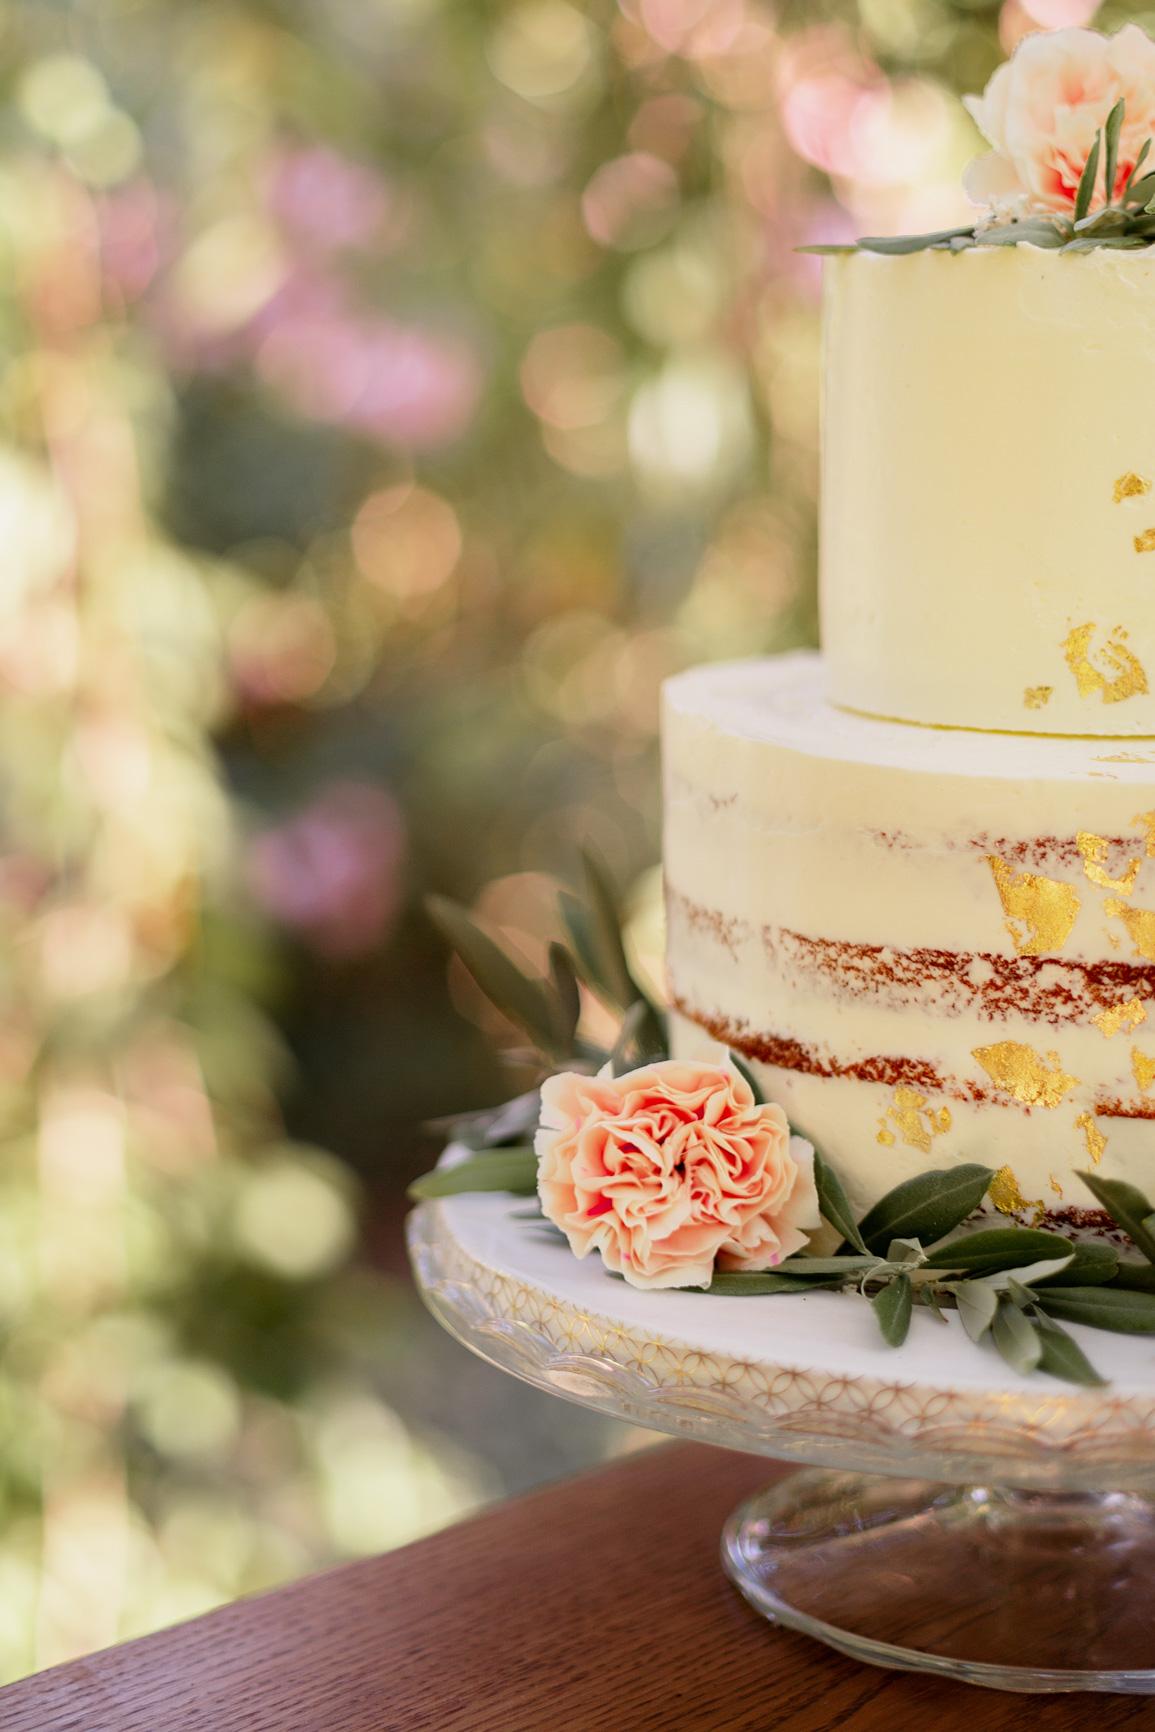 Gâteau décoration Mariage Salon-de-Provence | Justine Maquart Photographe